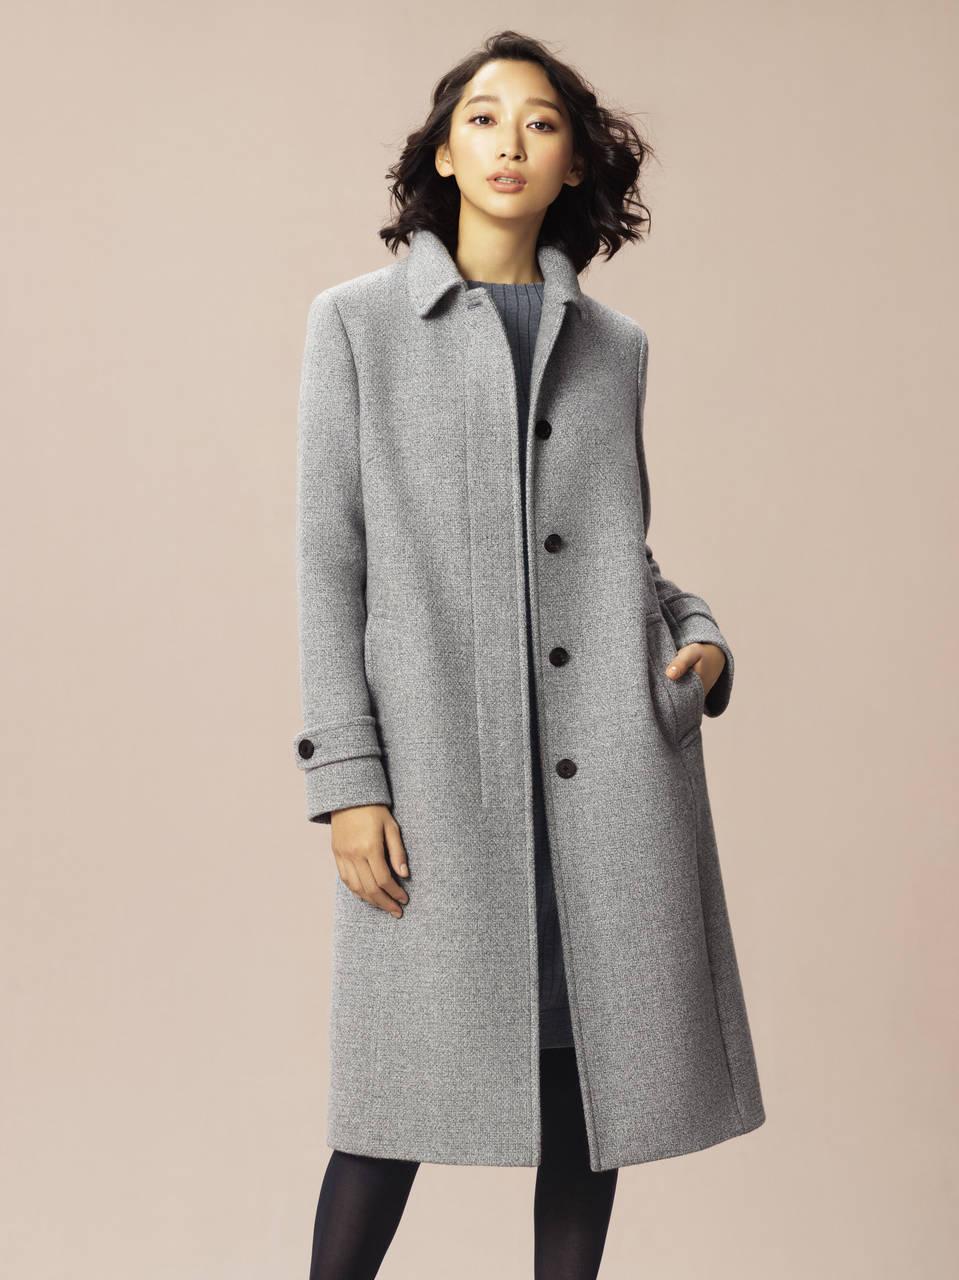 もっと愛されるために。この冬、コートを着る